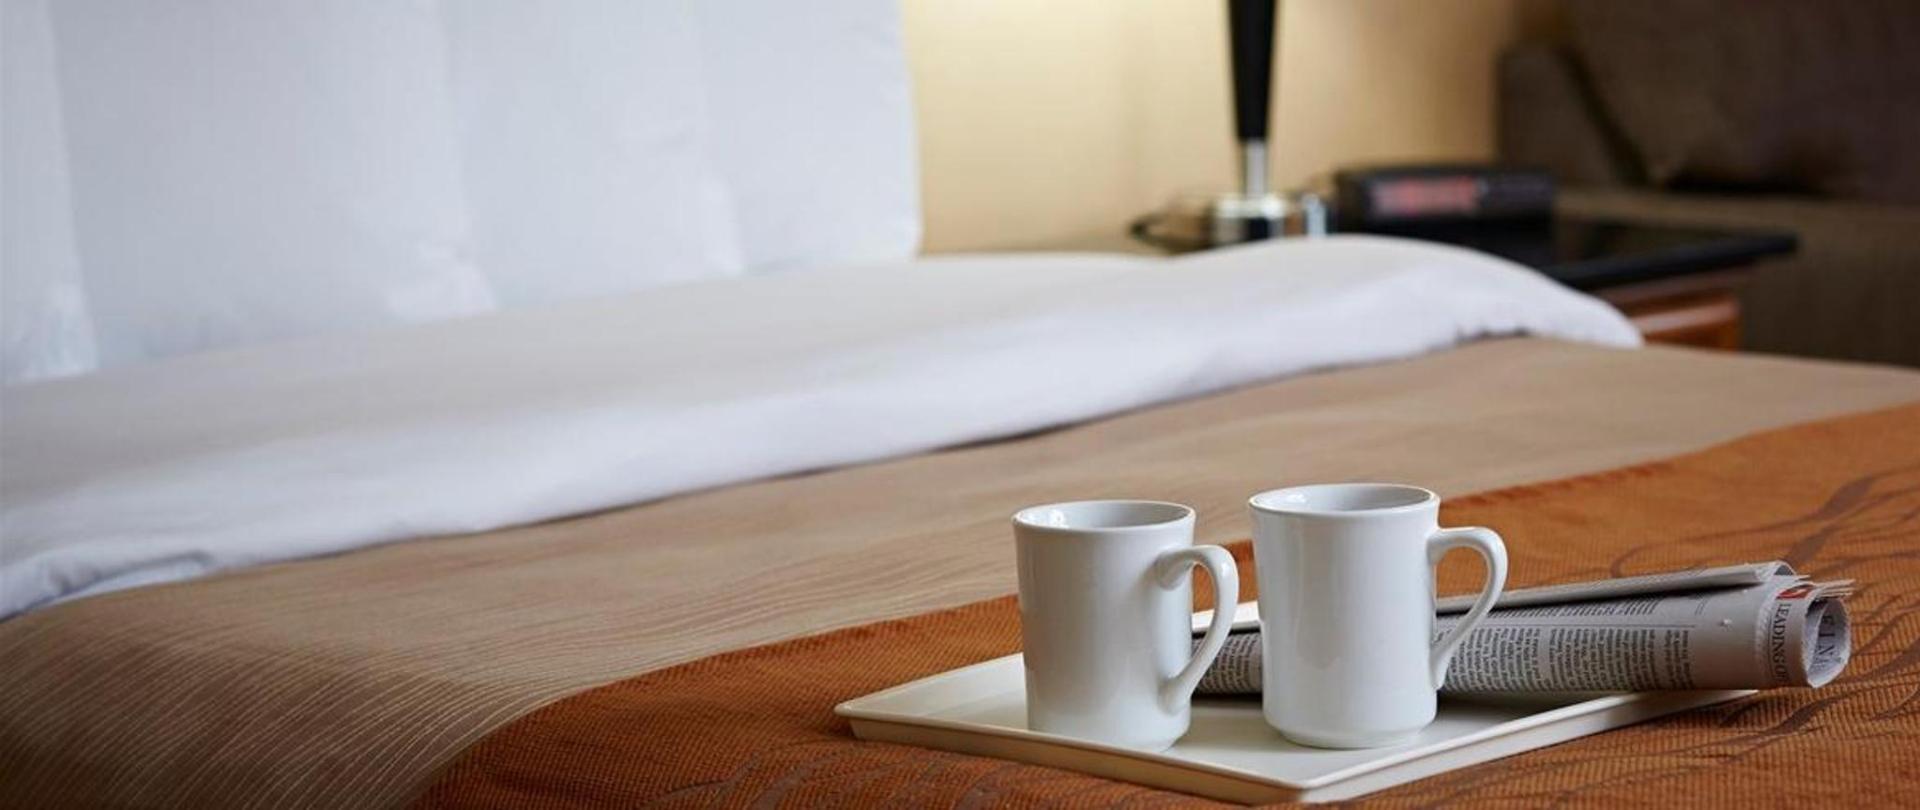 room-amenities.jpg.1170x493_0_234_6093.jpg